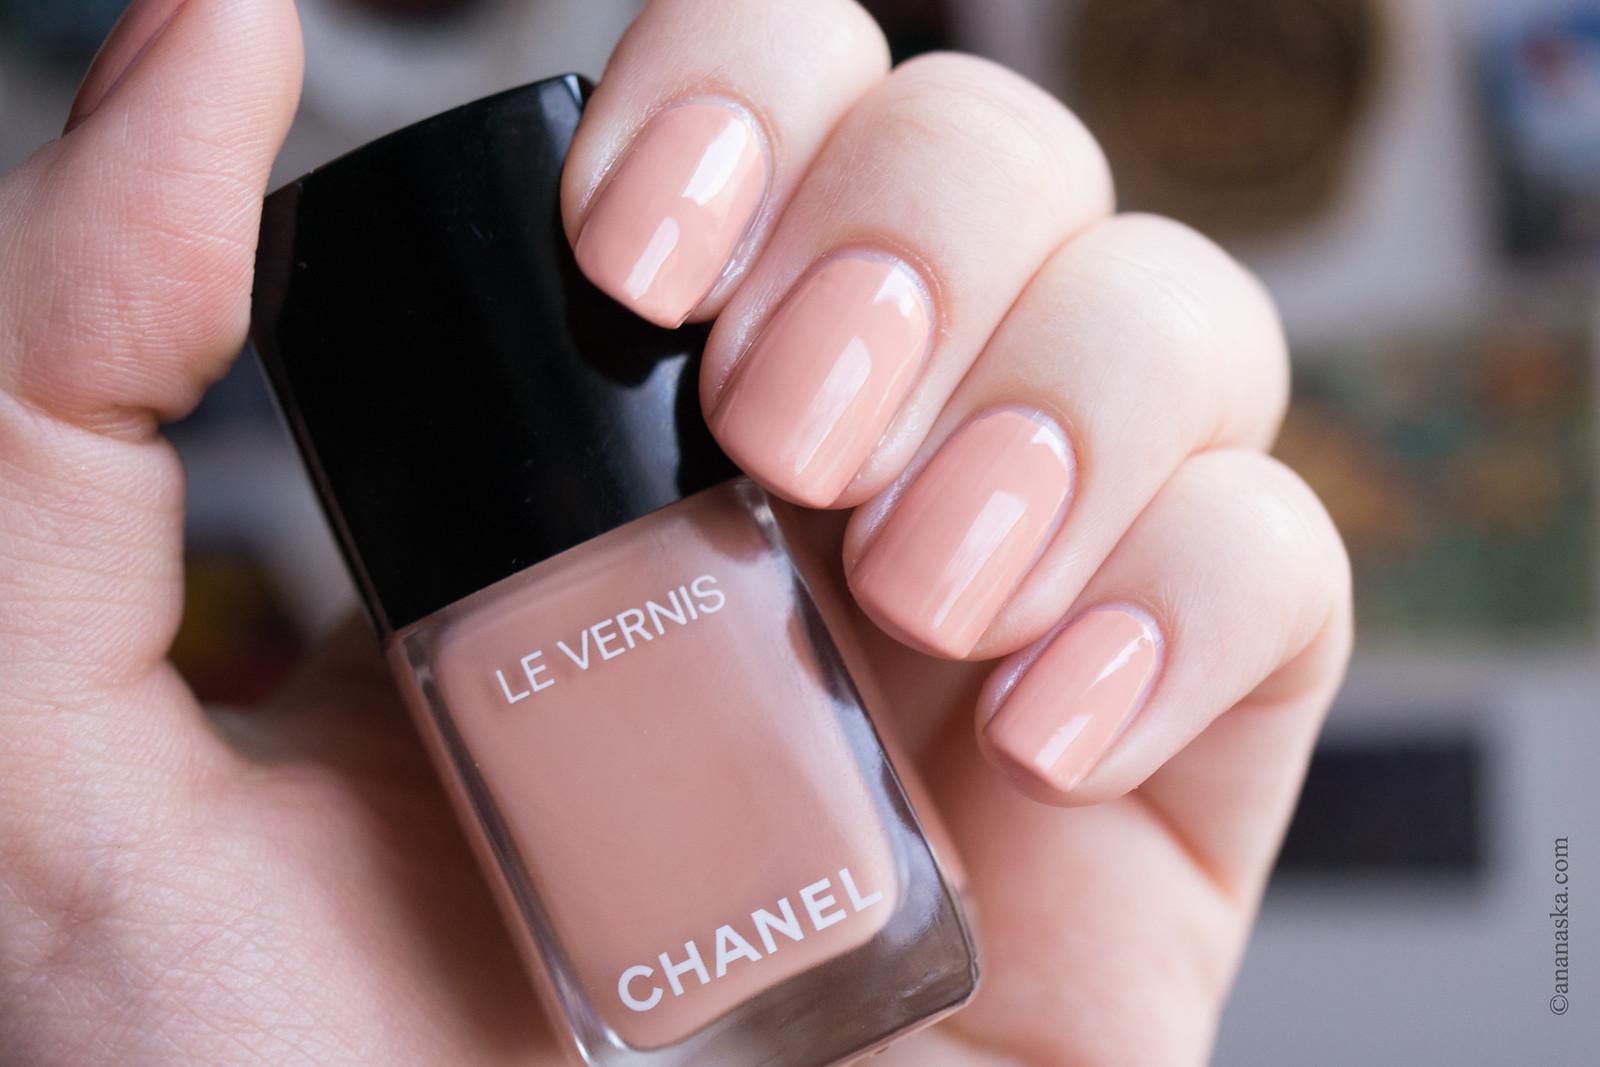 Chanel Le Vernis Longue Tenue 556 Beige Beige